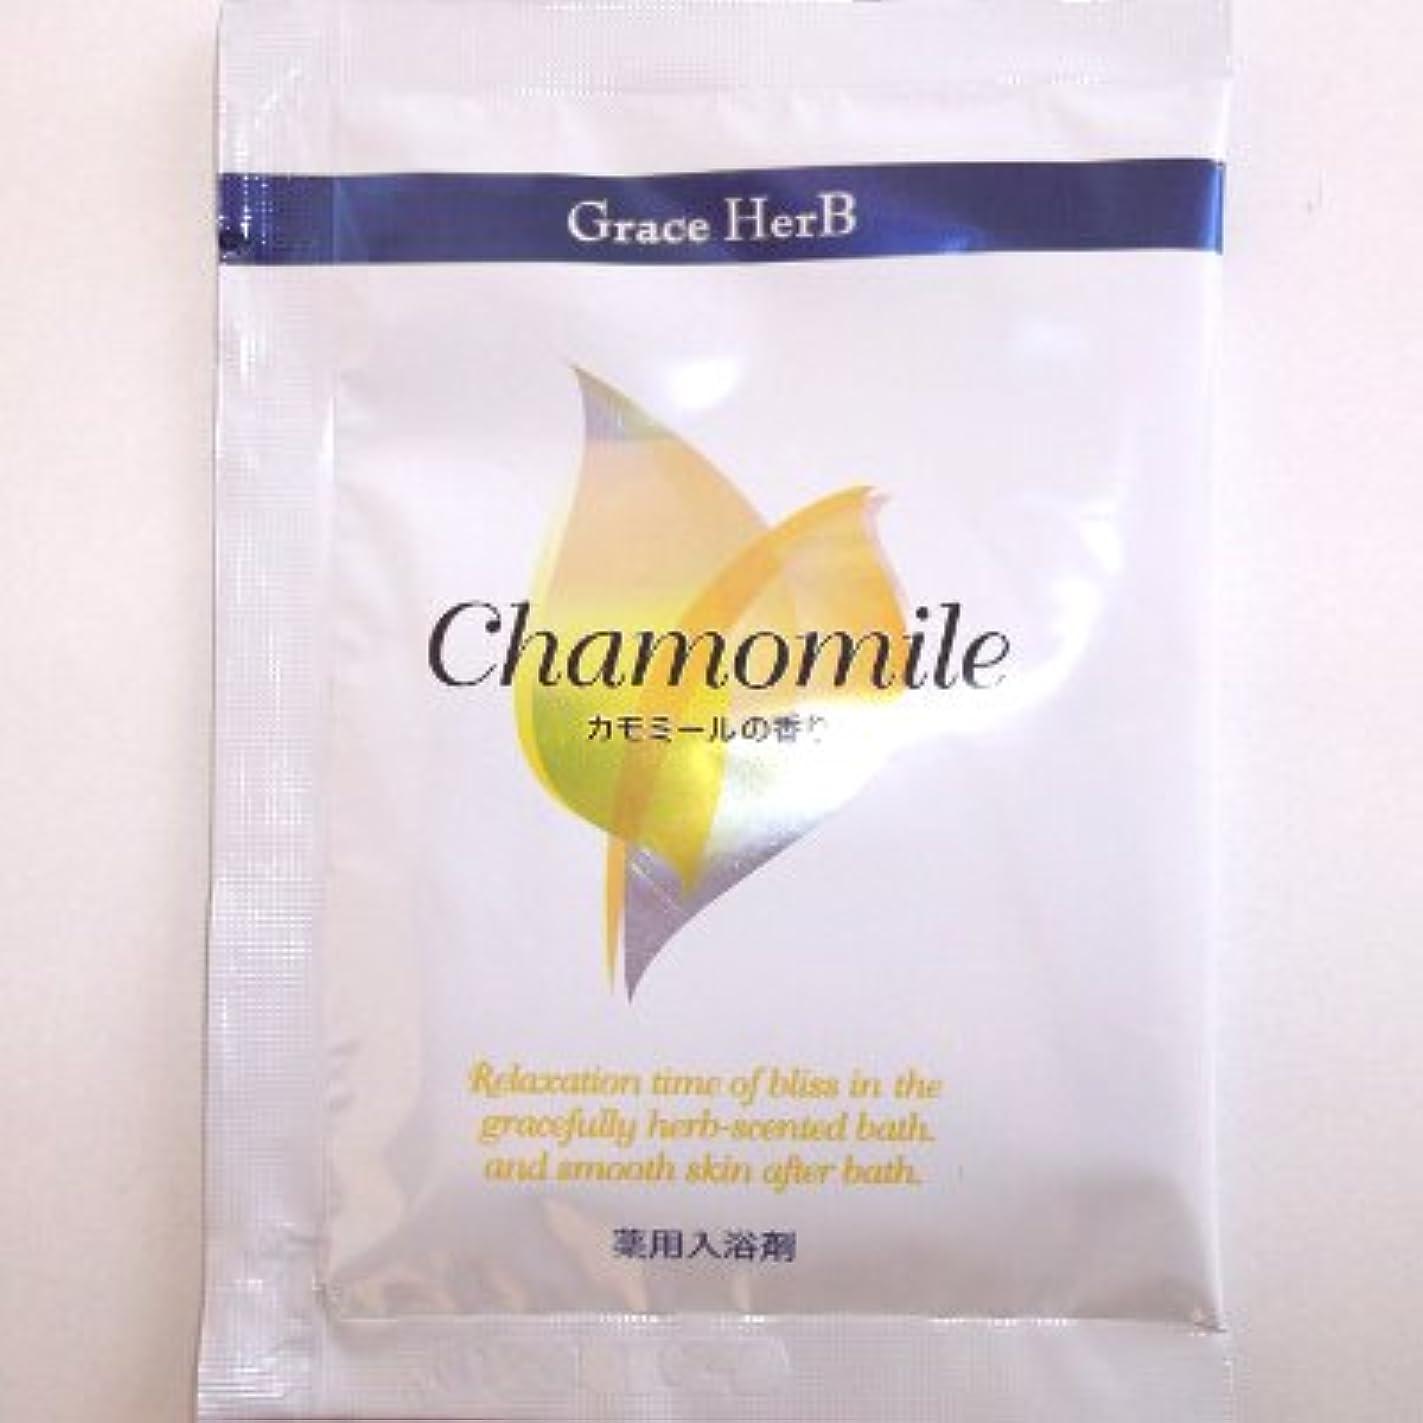 分割加入感性グレースハーブ カモミールの香り